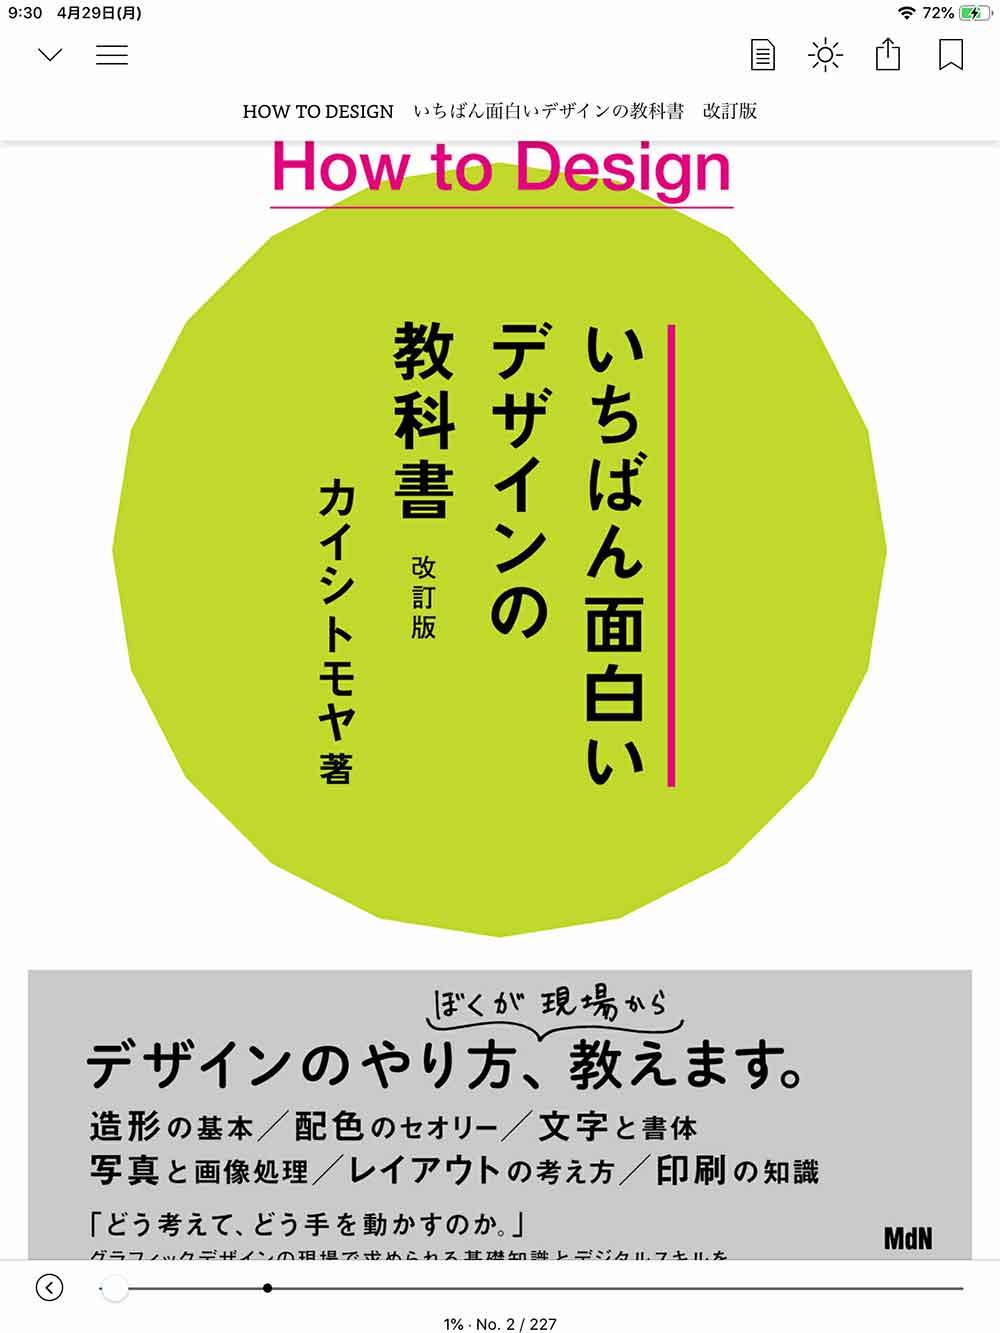 いちばんおもしろいデザインの教科書